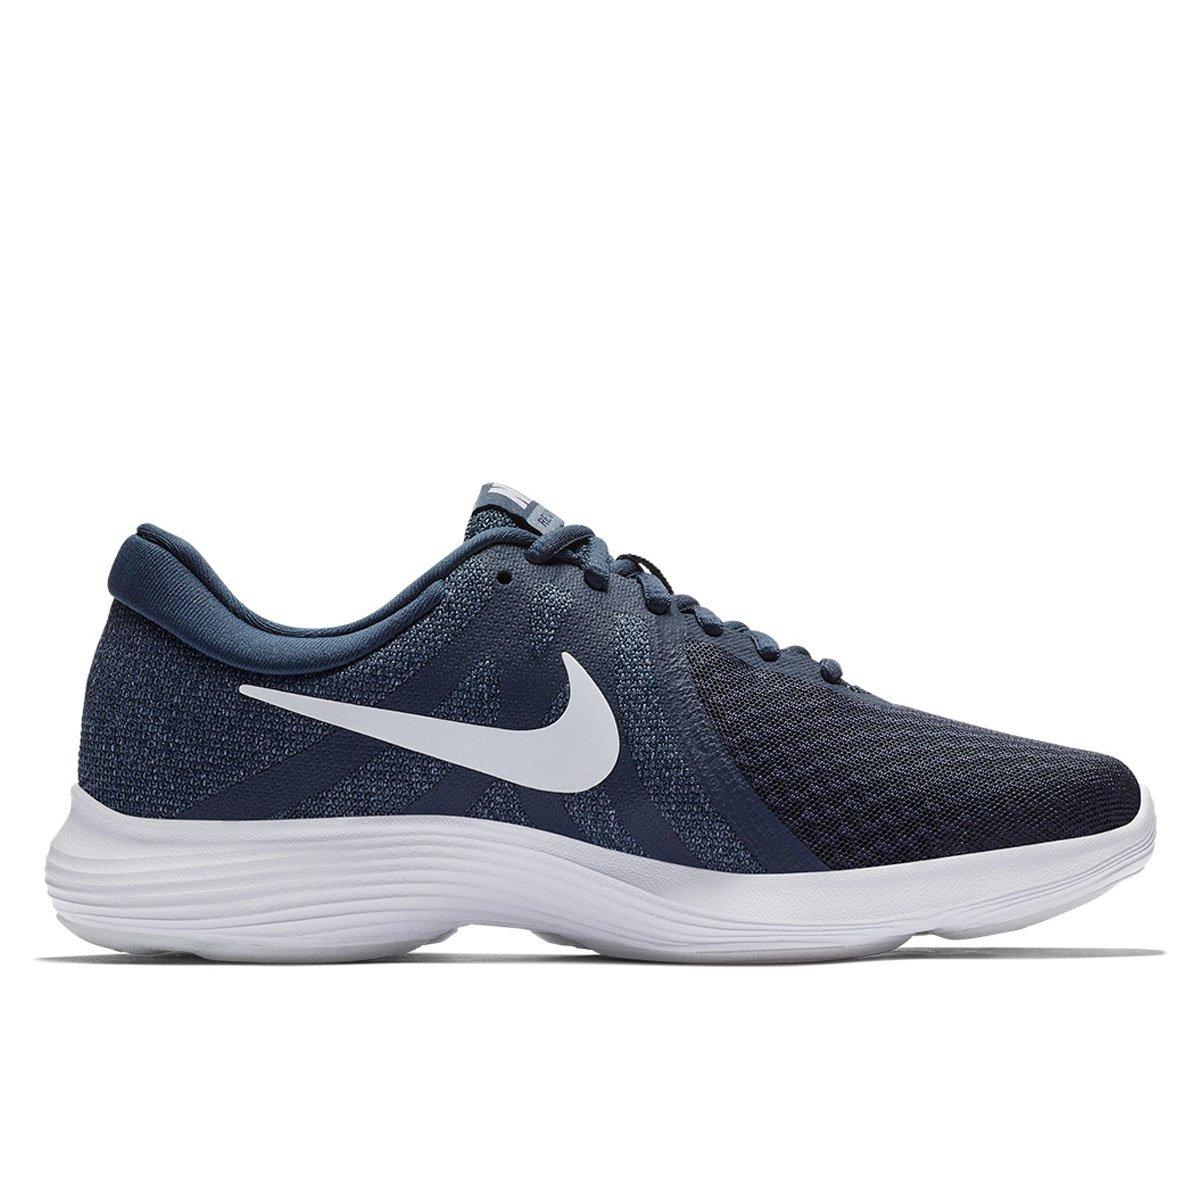 c5ce0348c7 Tênis Nike Wmns Revolution 4 Feminino - Azul e Cinza - Compre Agora ...